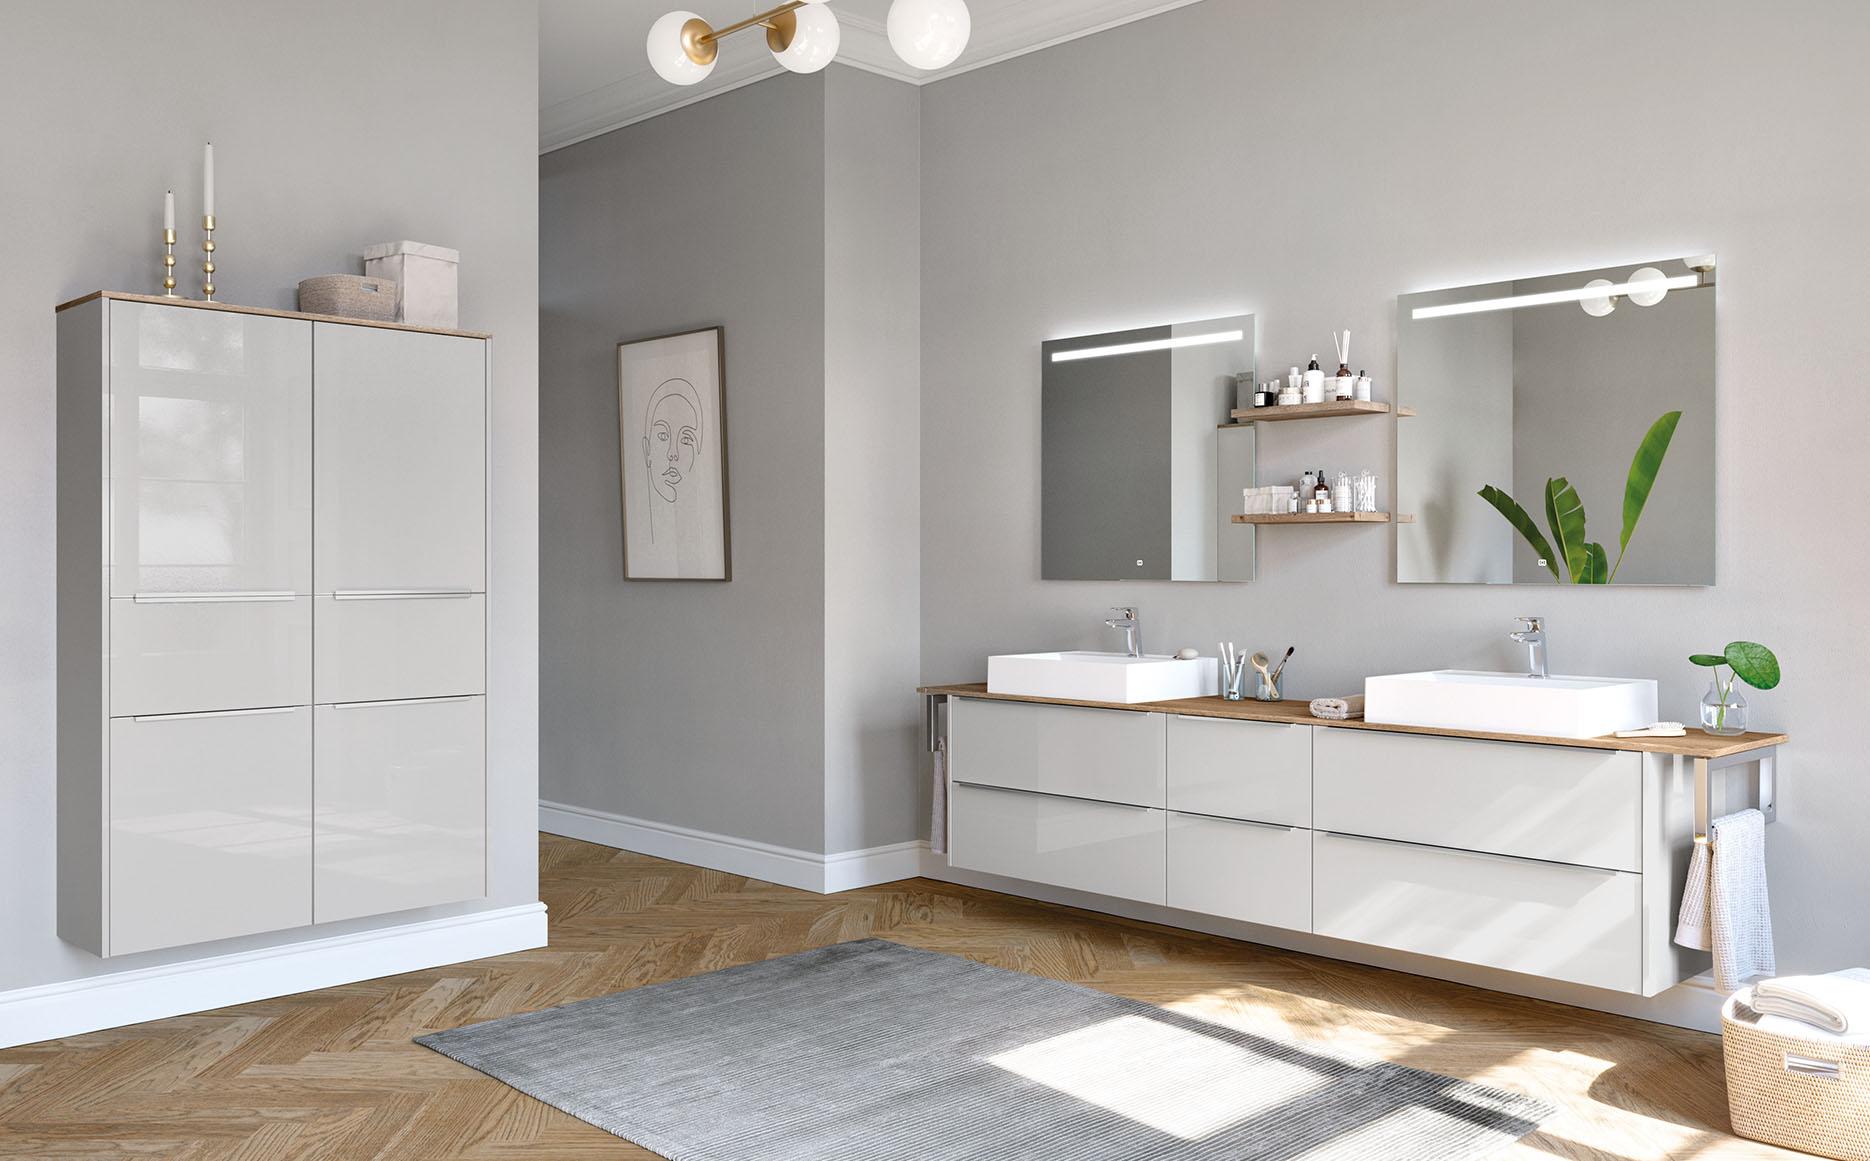 Salle de bain modèle Idea-Bath par ECOCUISINE